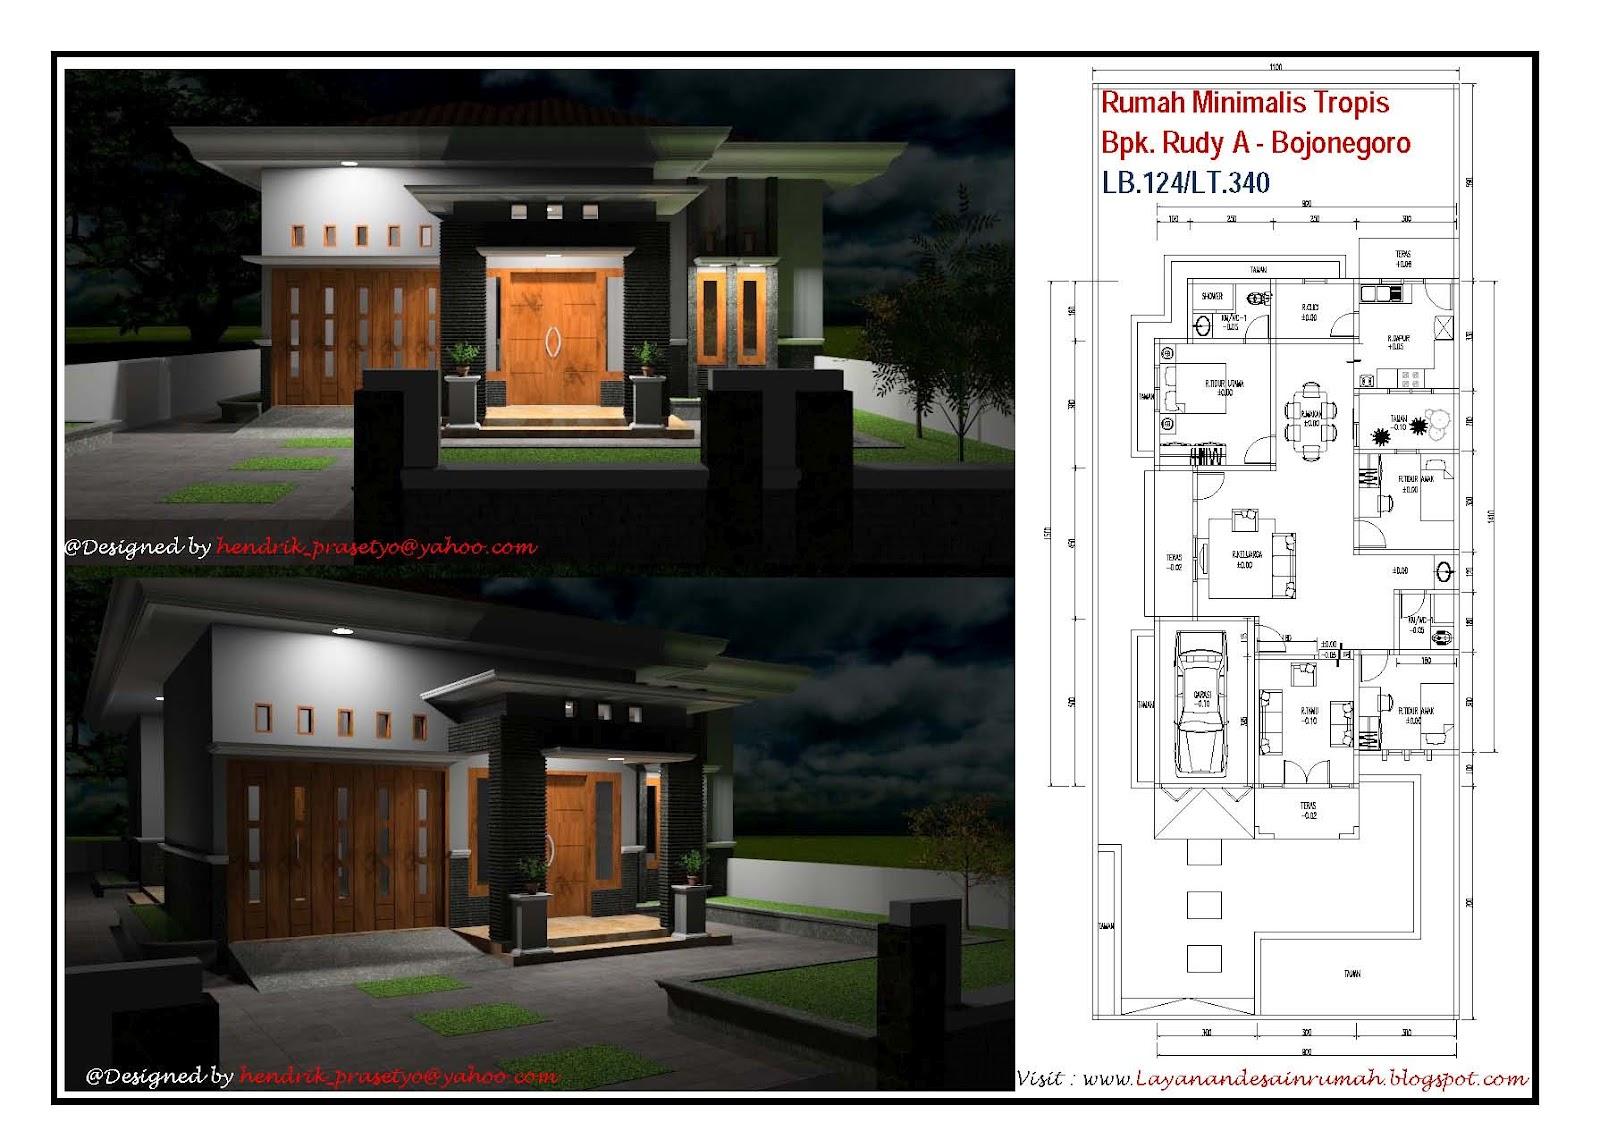 Contoh Brosur Jasa Renovasi Rumah